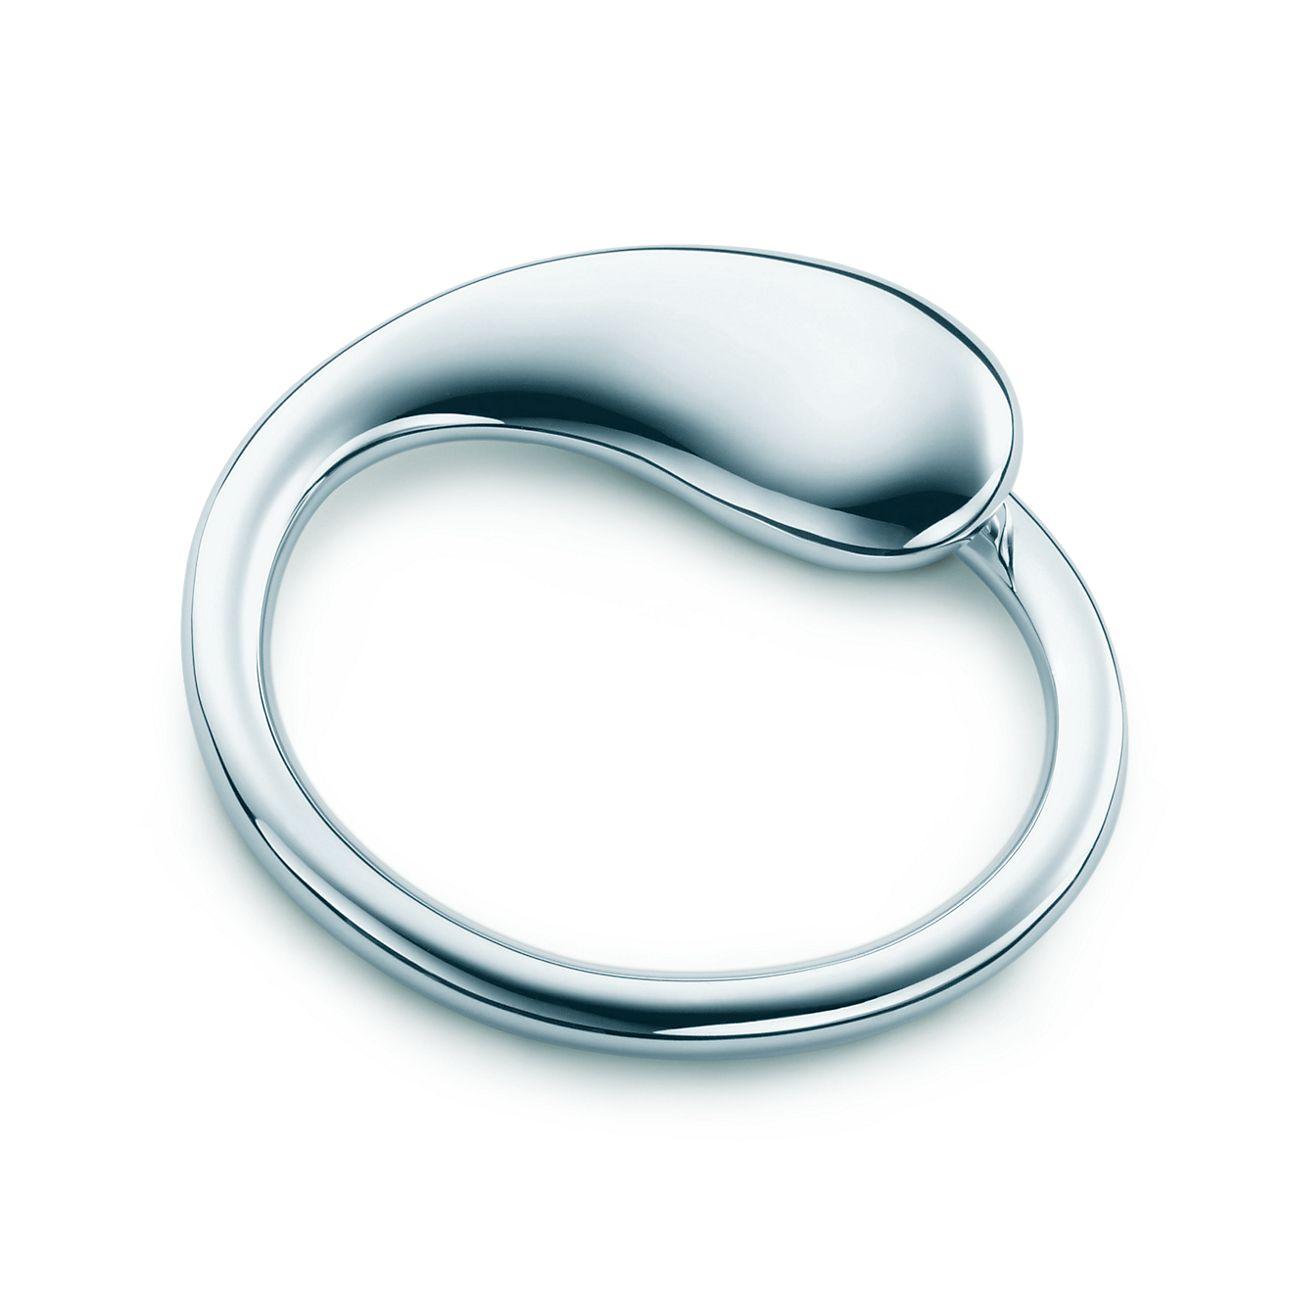 Elsa Peretti Open Heart key ring in sterling silver Tiffany & Co.